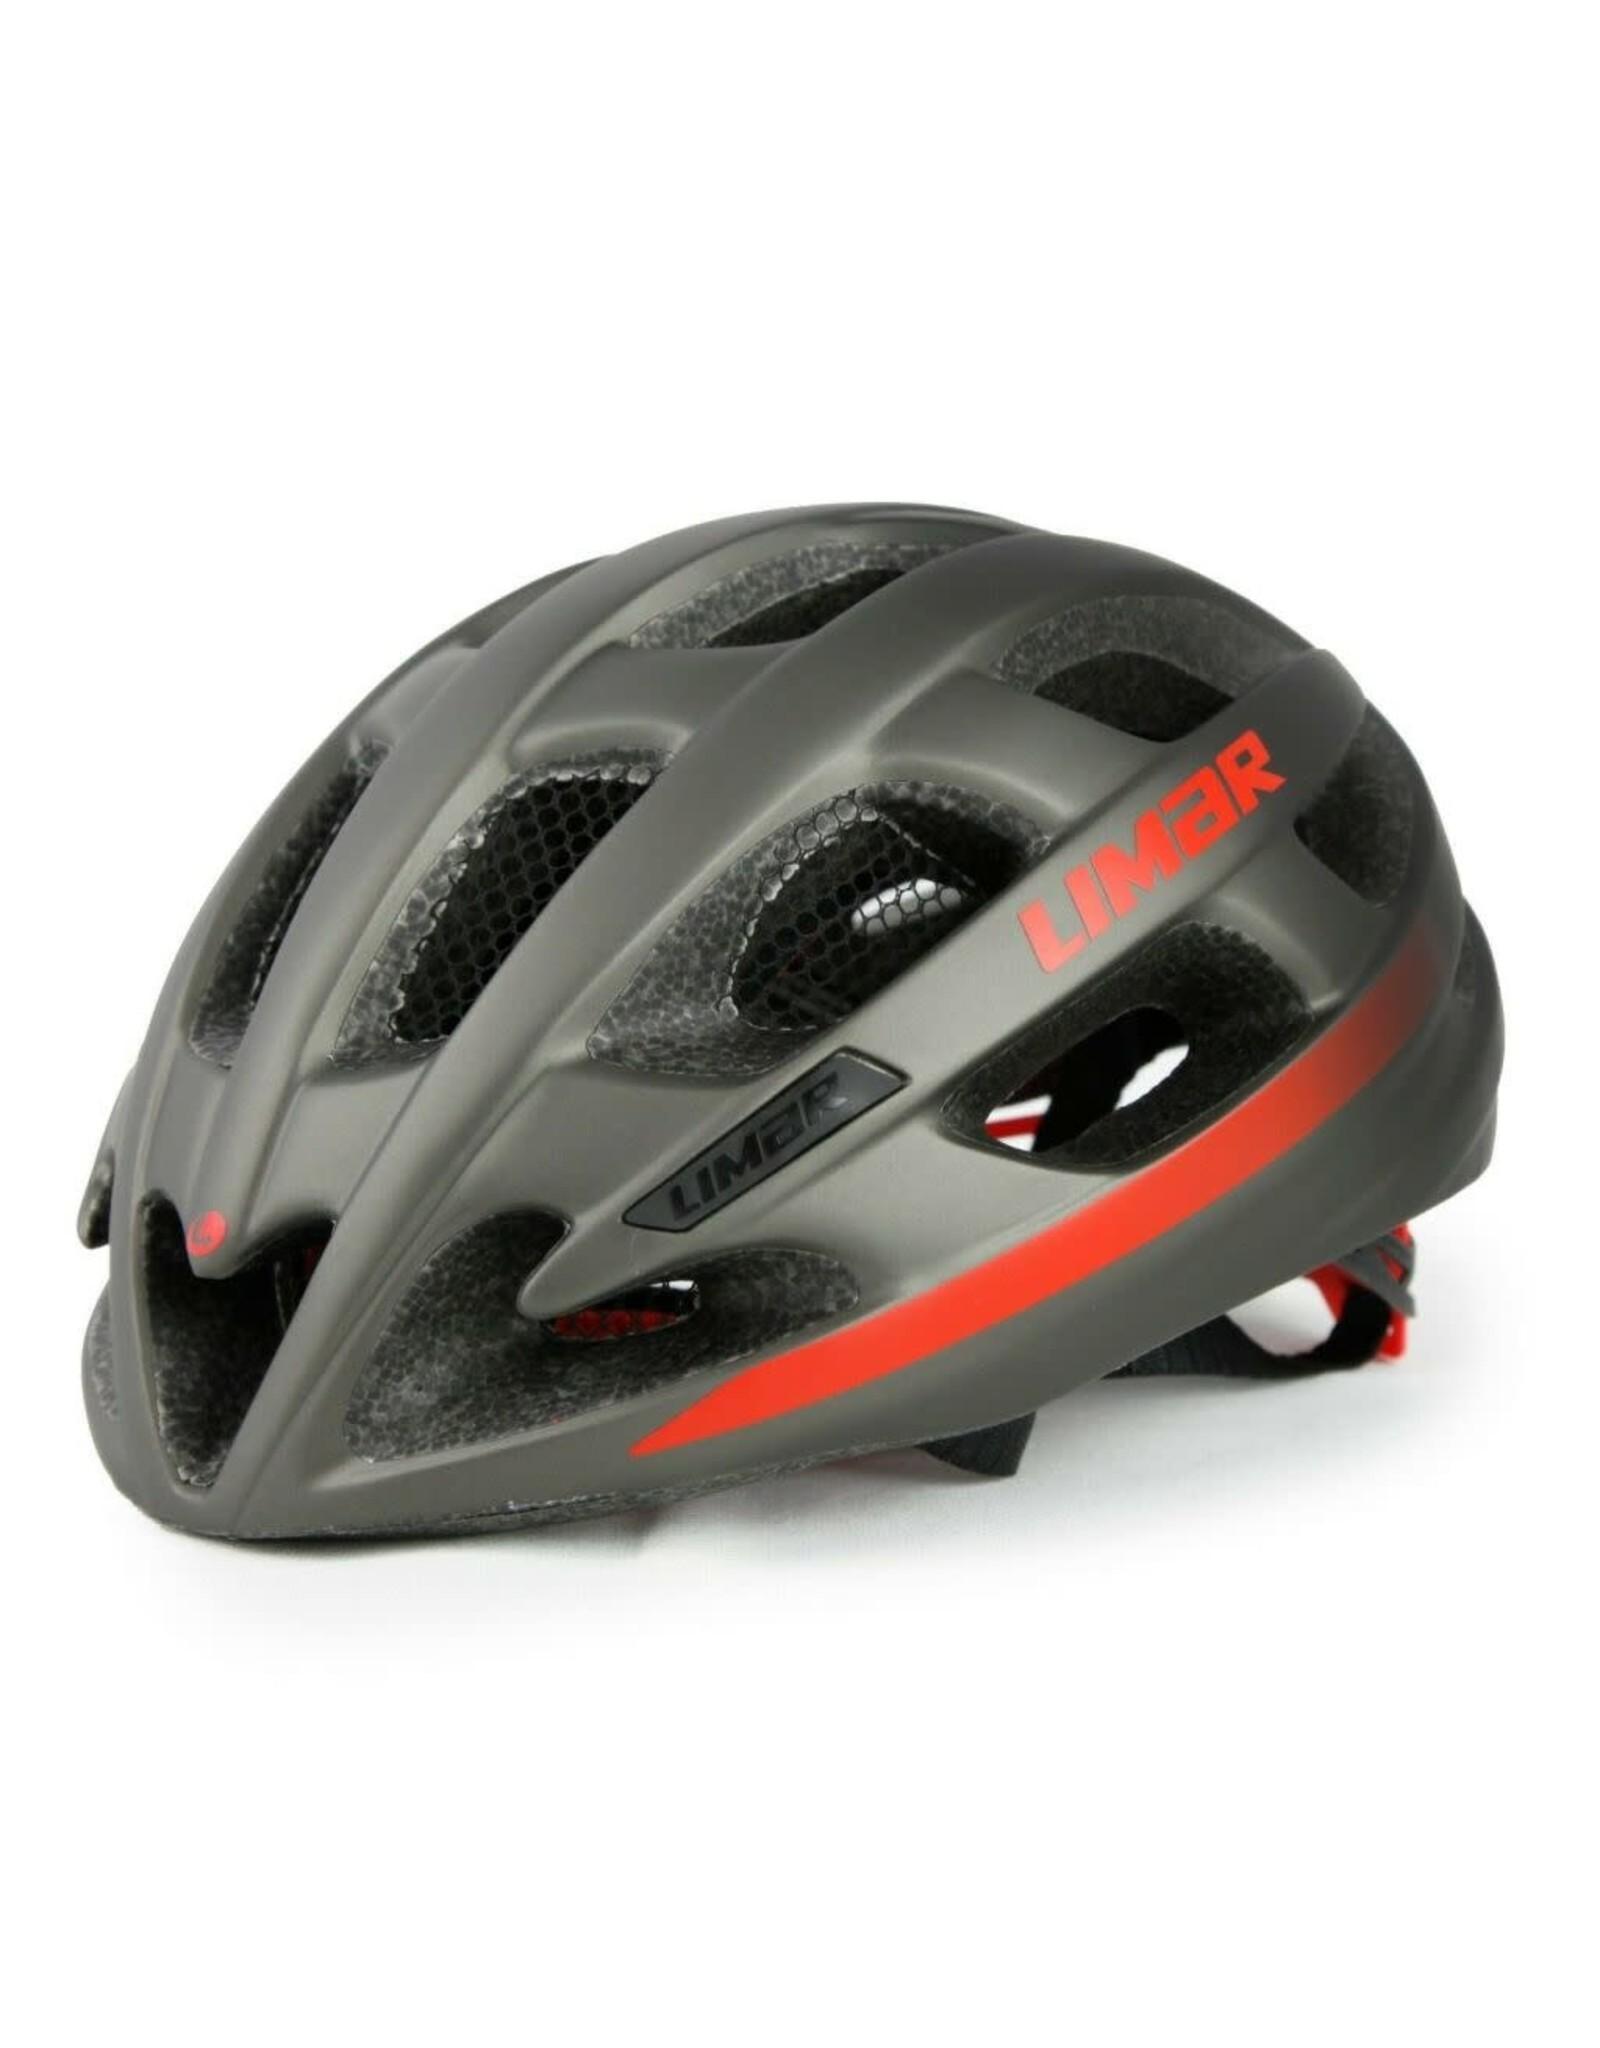 Limar Ultralight Lux Cycle Helmet Road